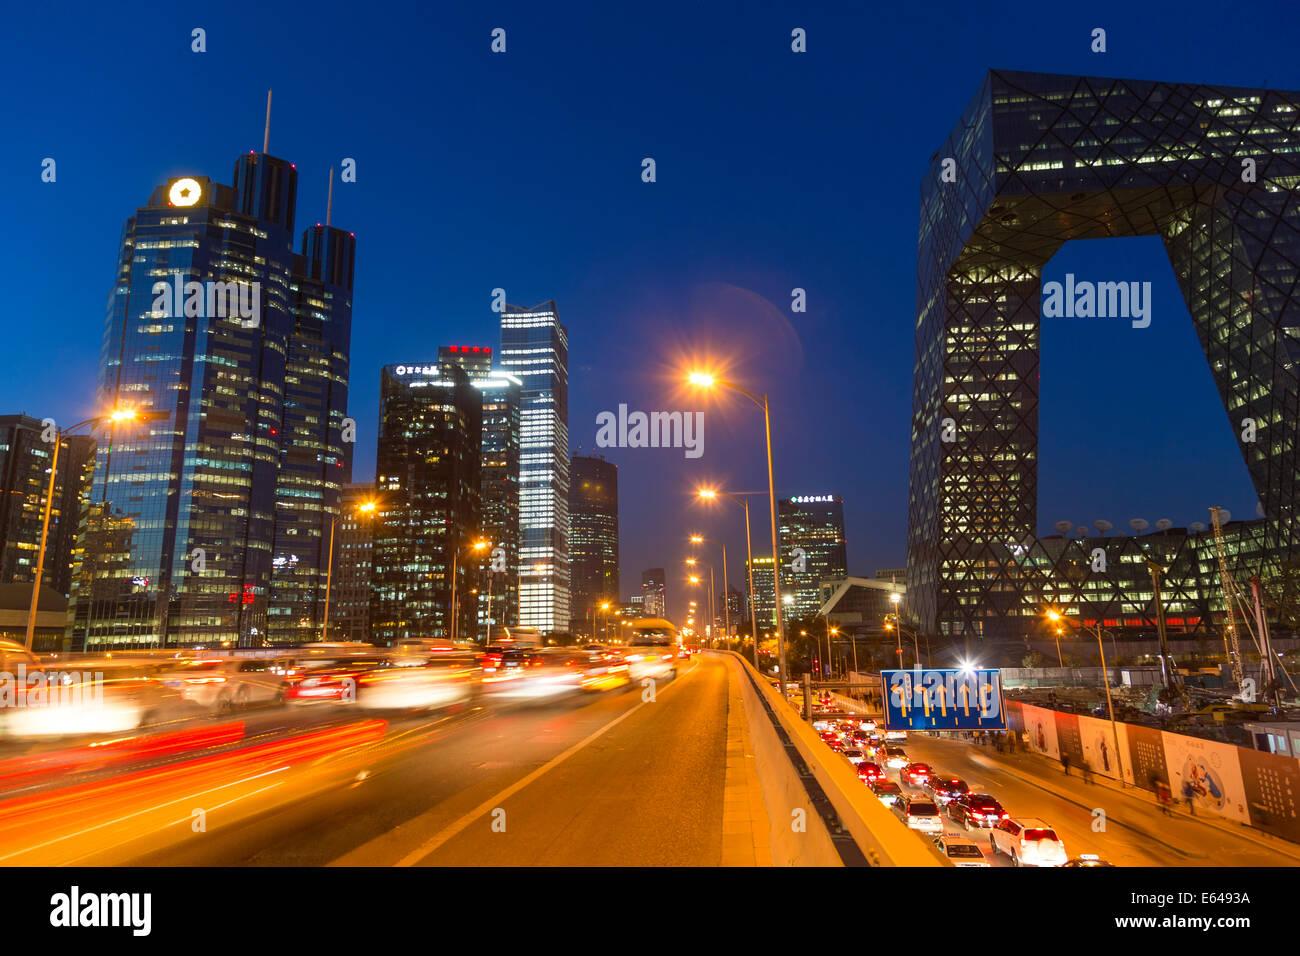 Quartier Central des Affaires et des capacités de vidéosurveillance au crépuscule, Beijing, Chine Photo Stock